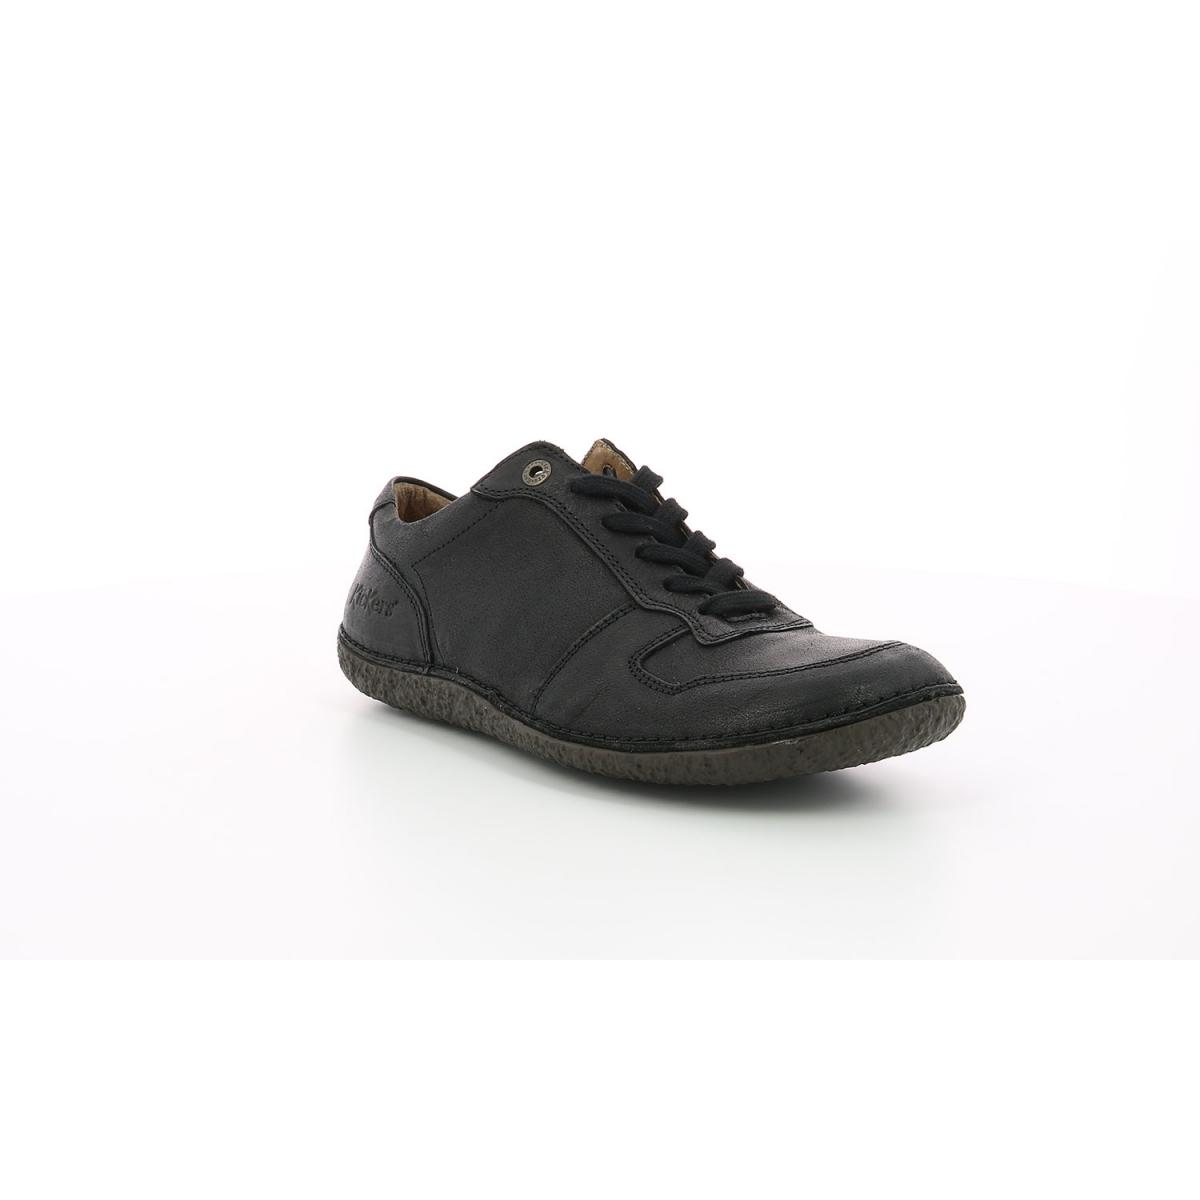 Derbies Femme Home noir Chaussures Femme Kickers